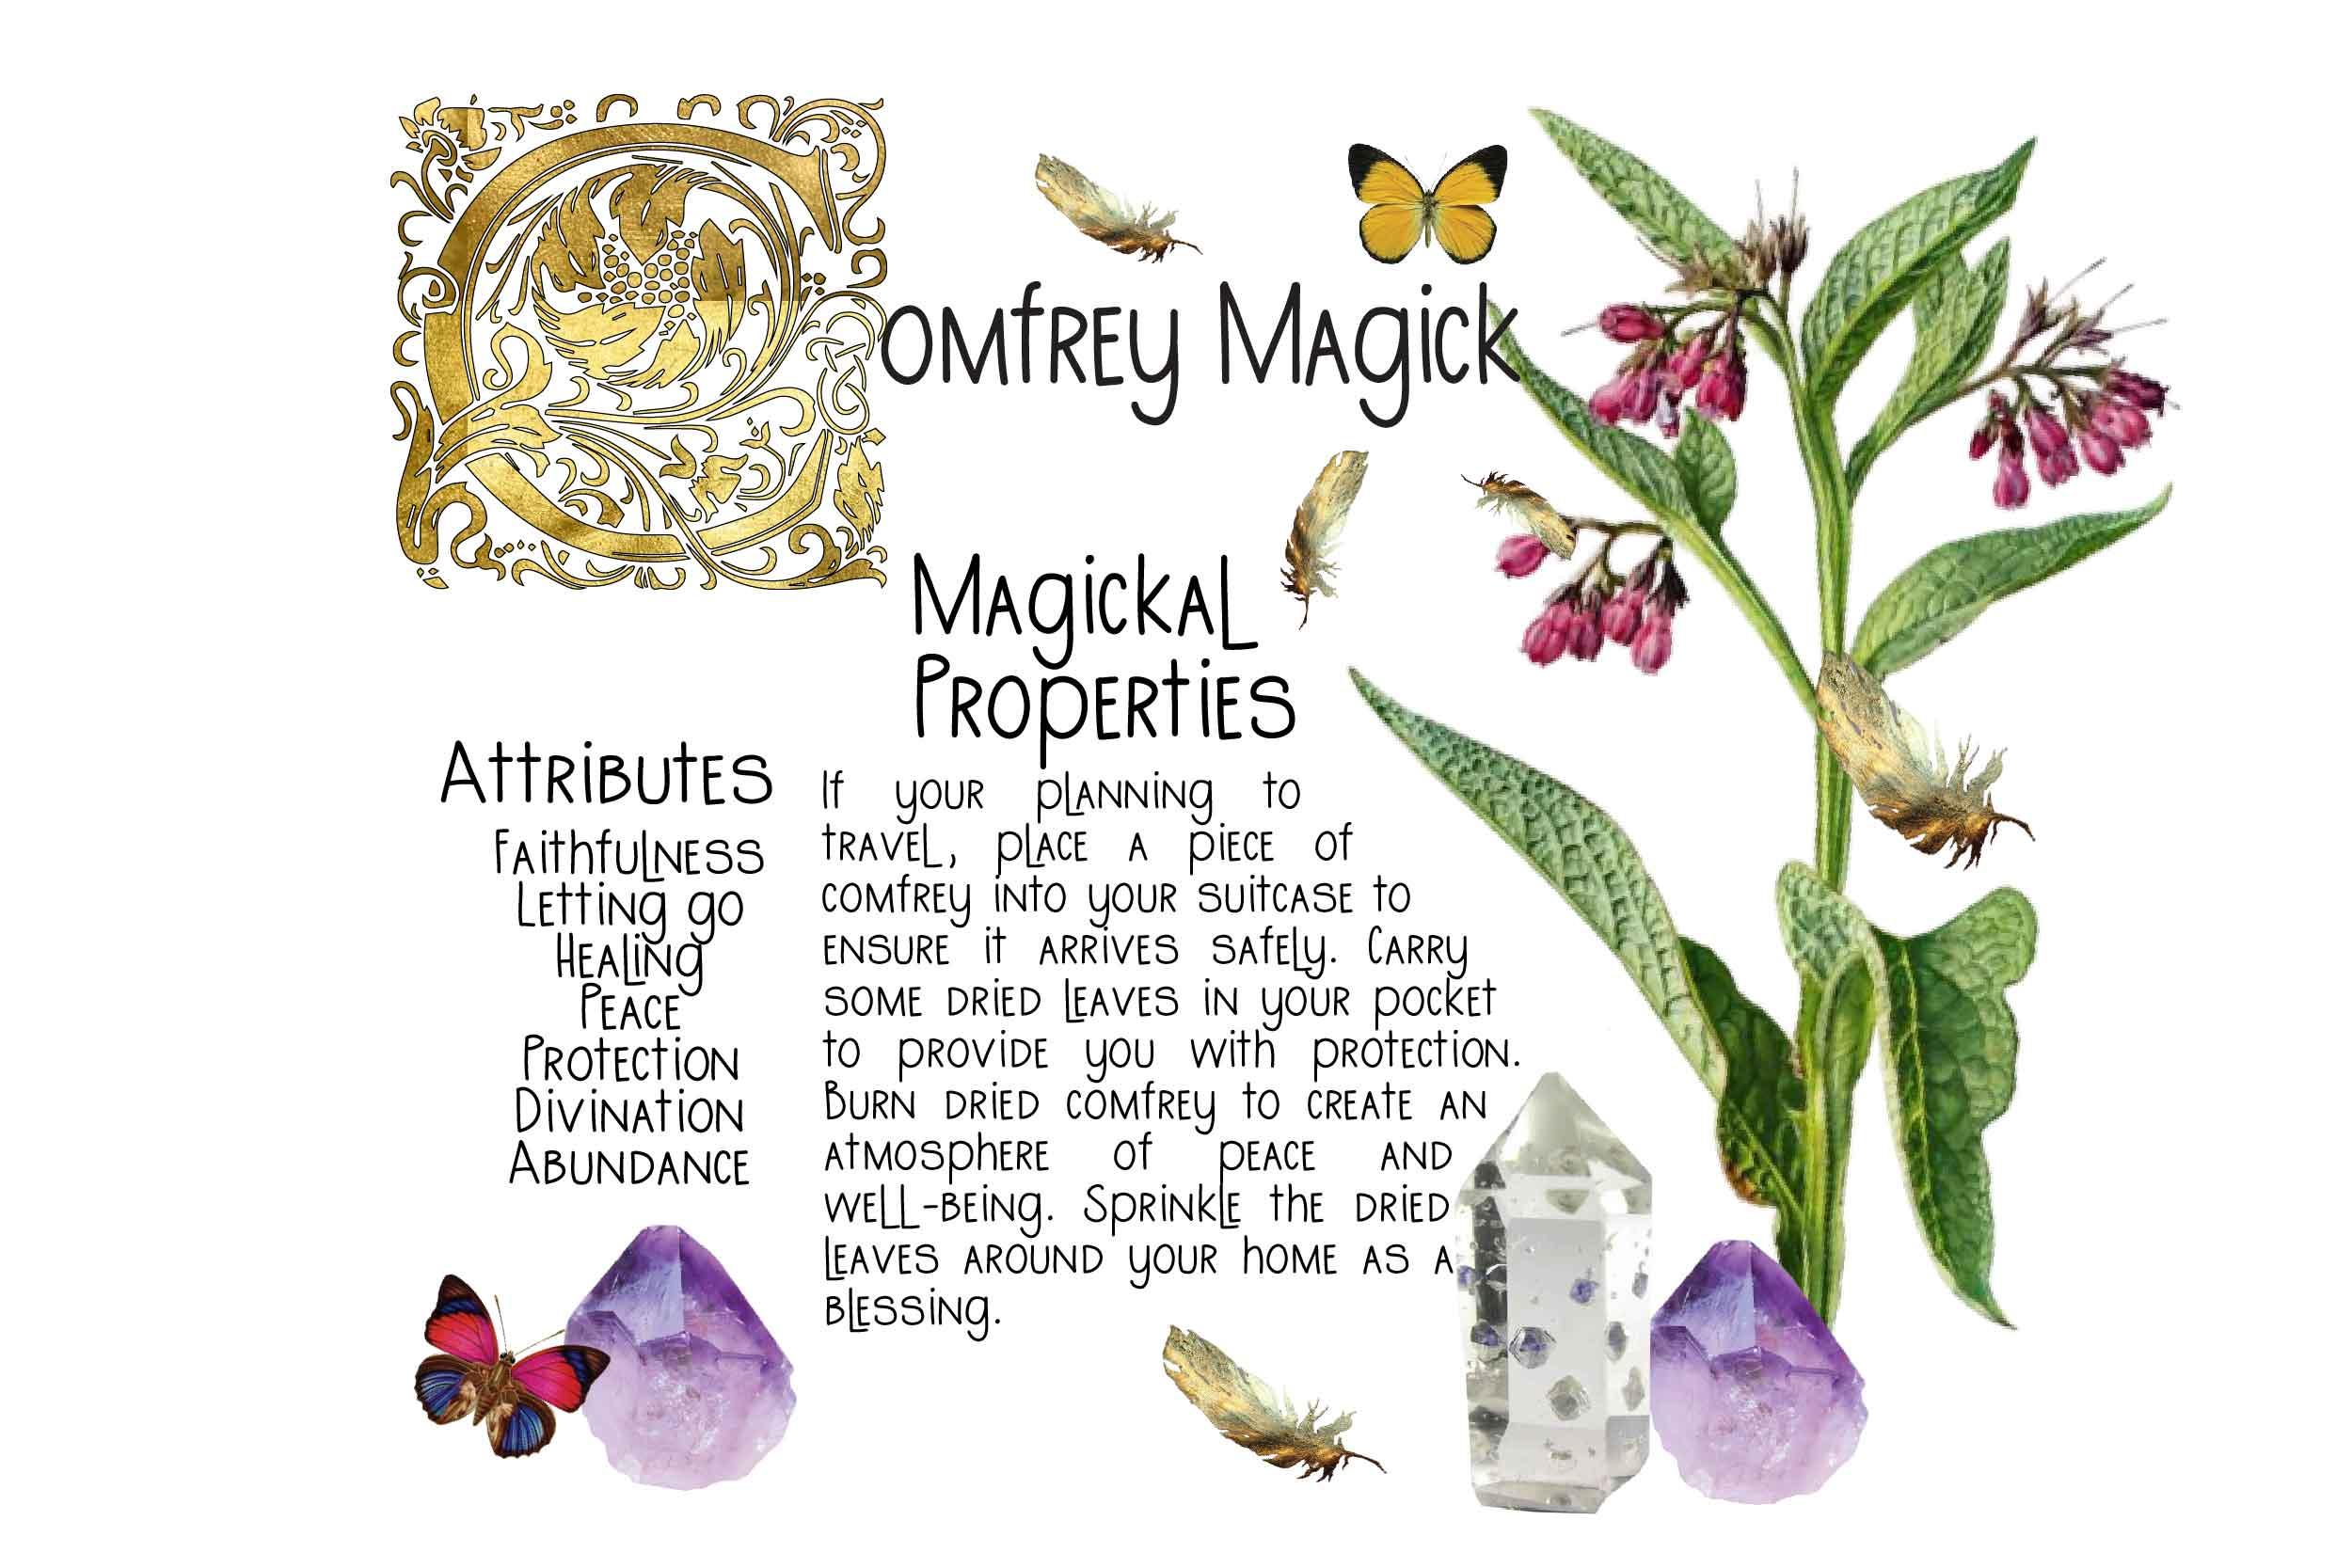 Comfrey Magick